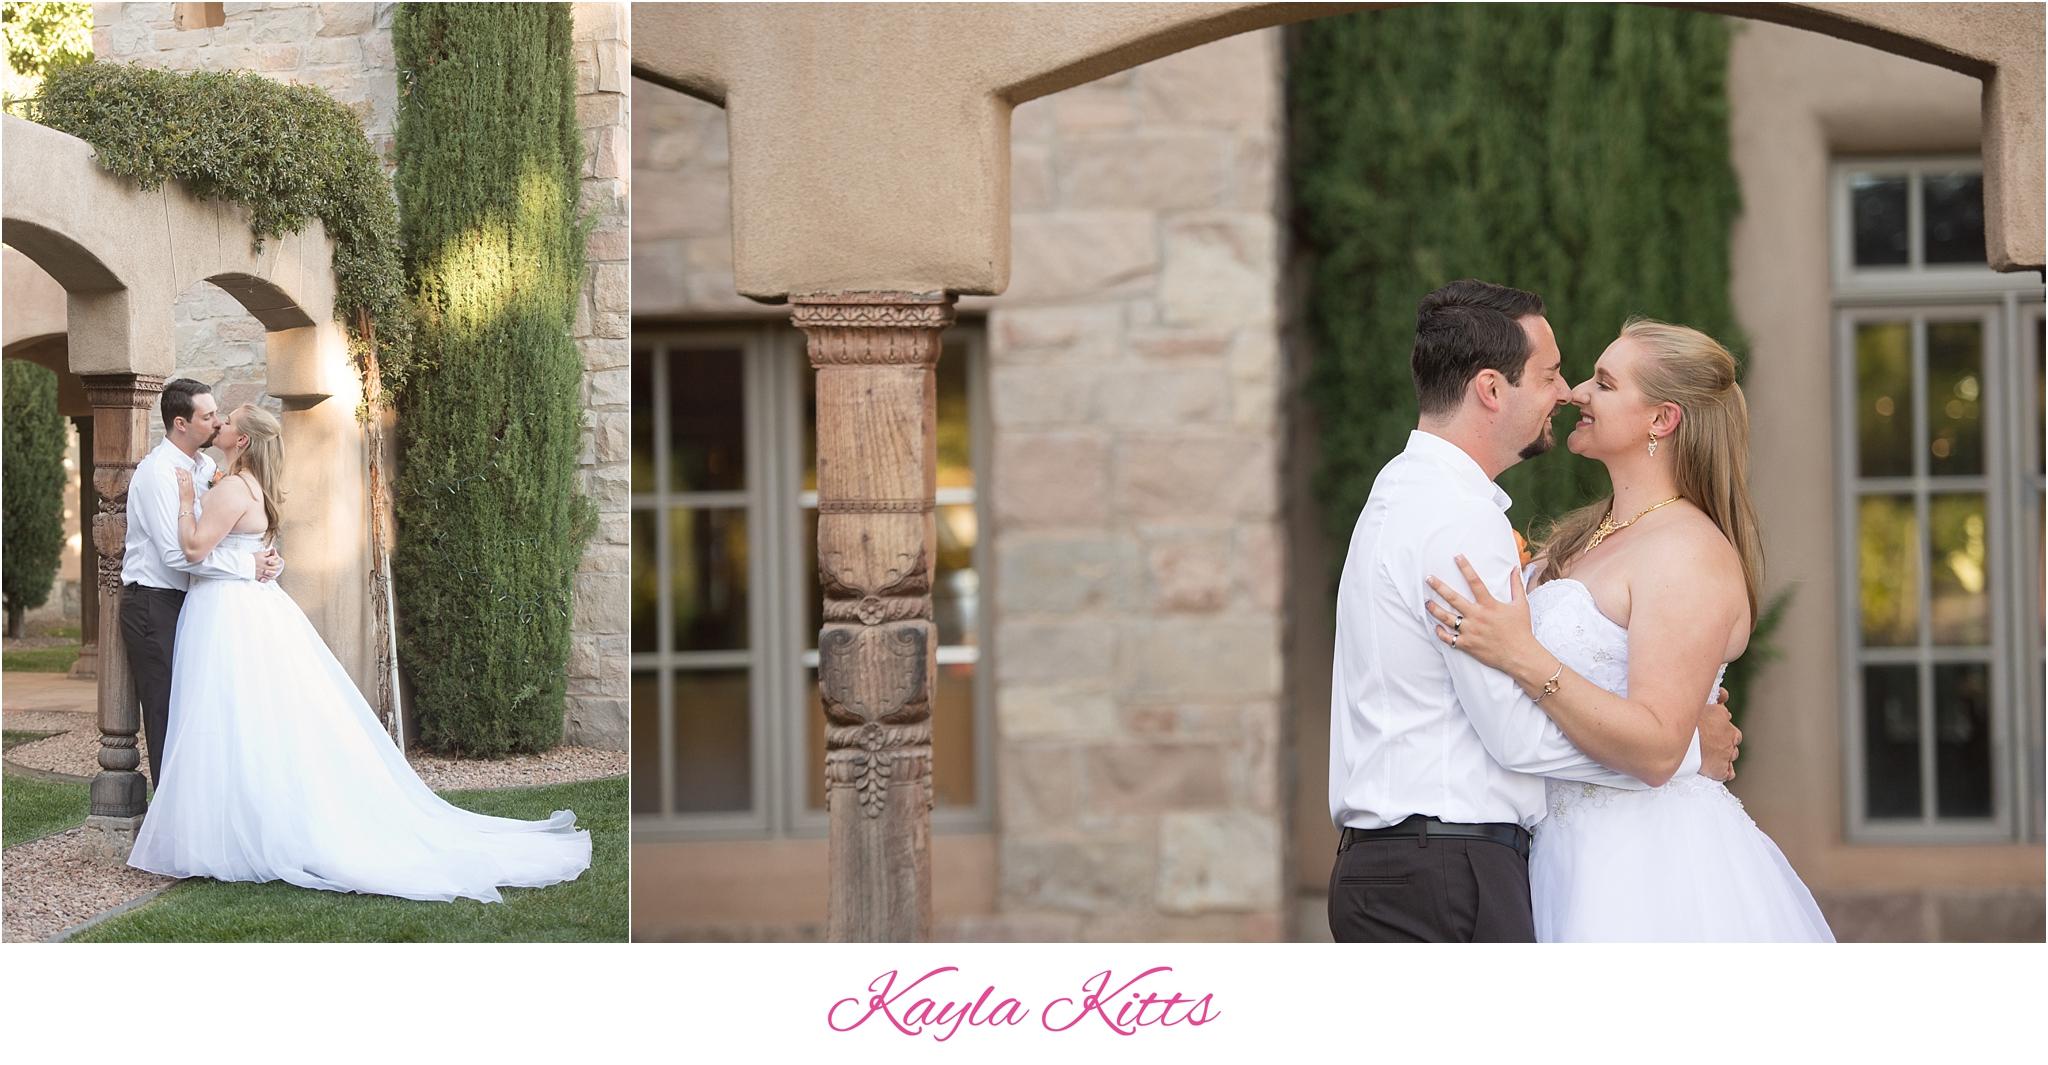 kayla kitts photography - albuquerque wedding photographer - albuquerque wedding photography - albuquerque venue - casa rondena - casa rondea wedding - new mexico wedding photographer_0018.jpg